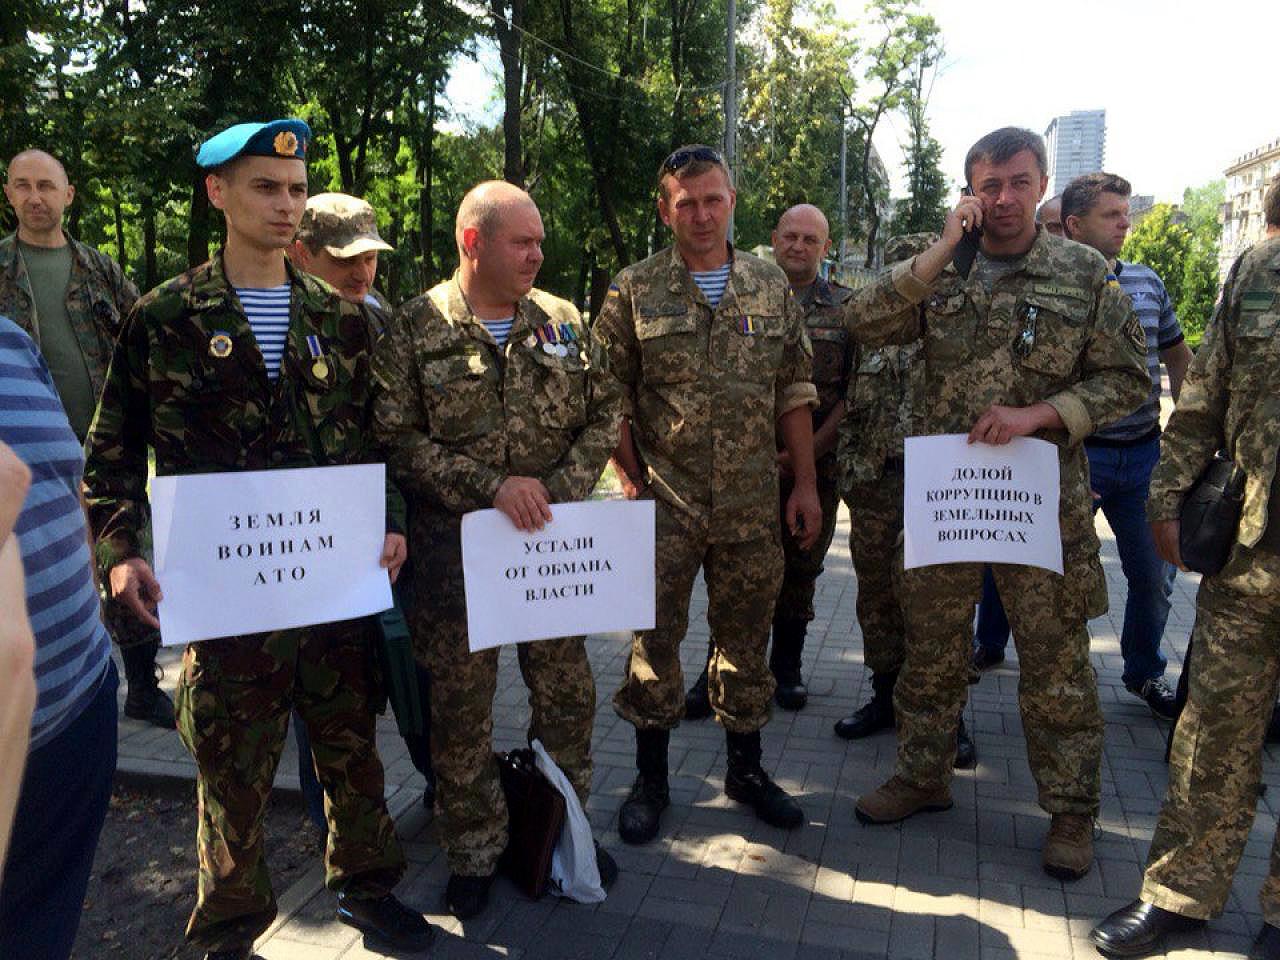 В Днепре ветераны требуют землю и протестуют против коррупции. Фото dniprograd.org